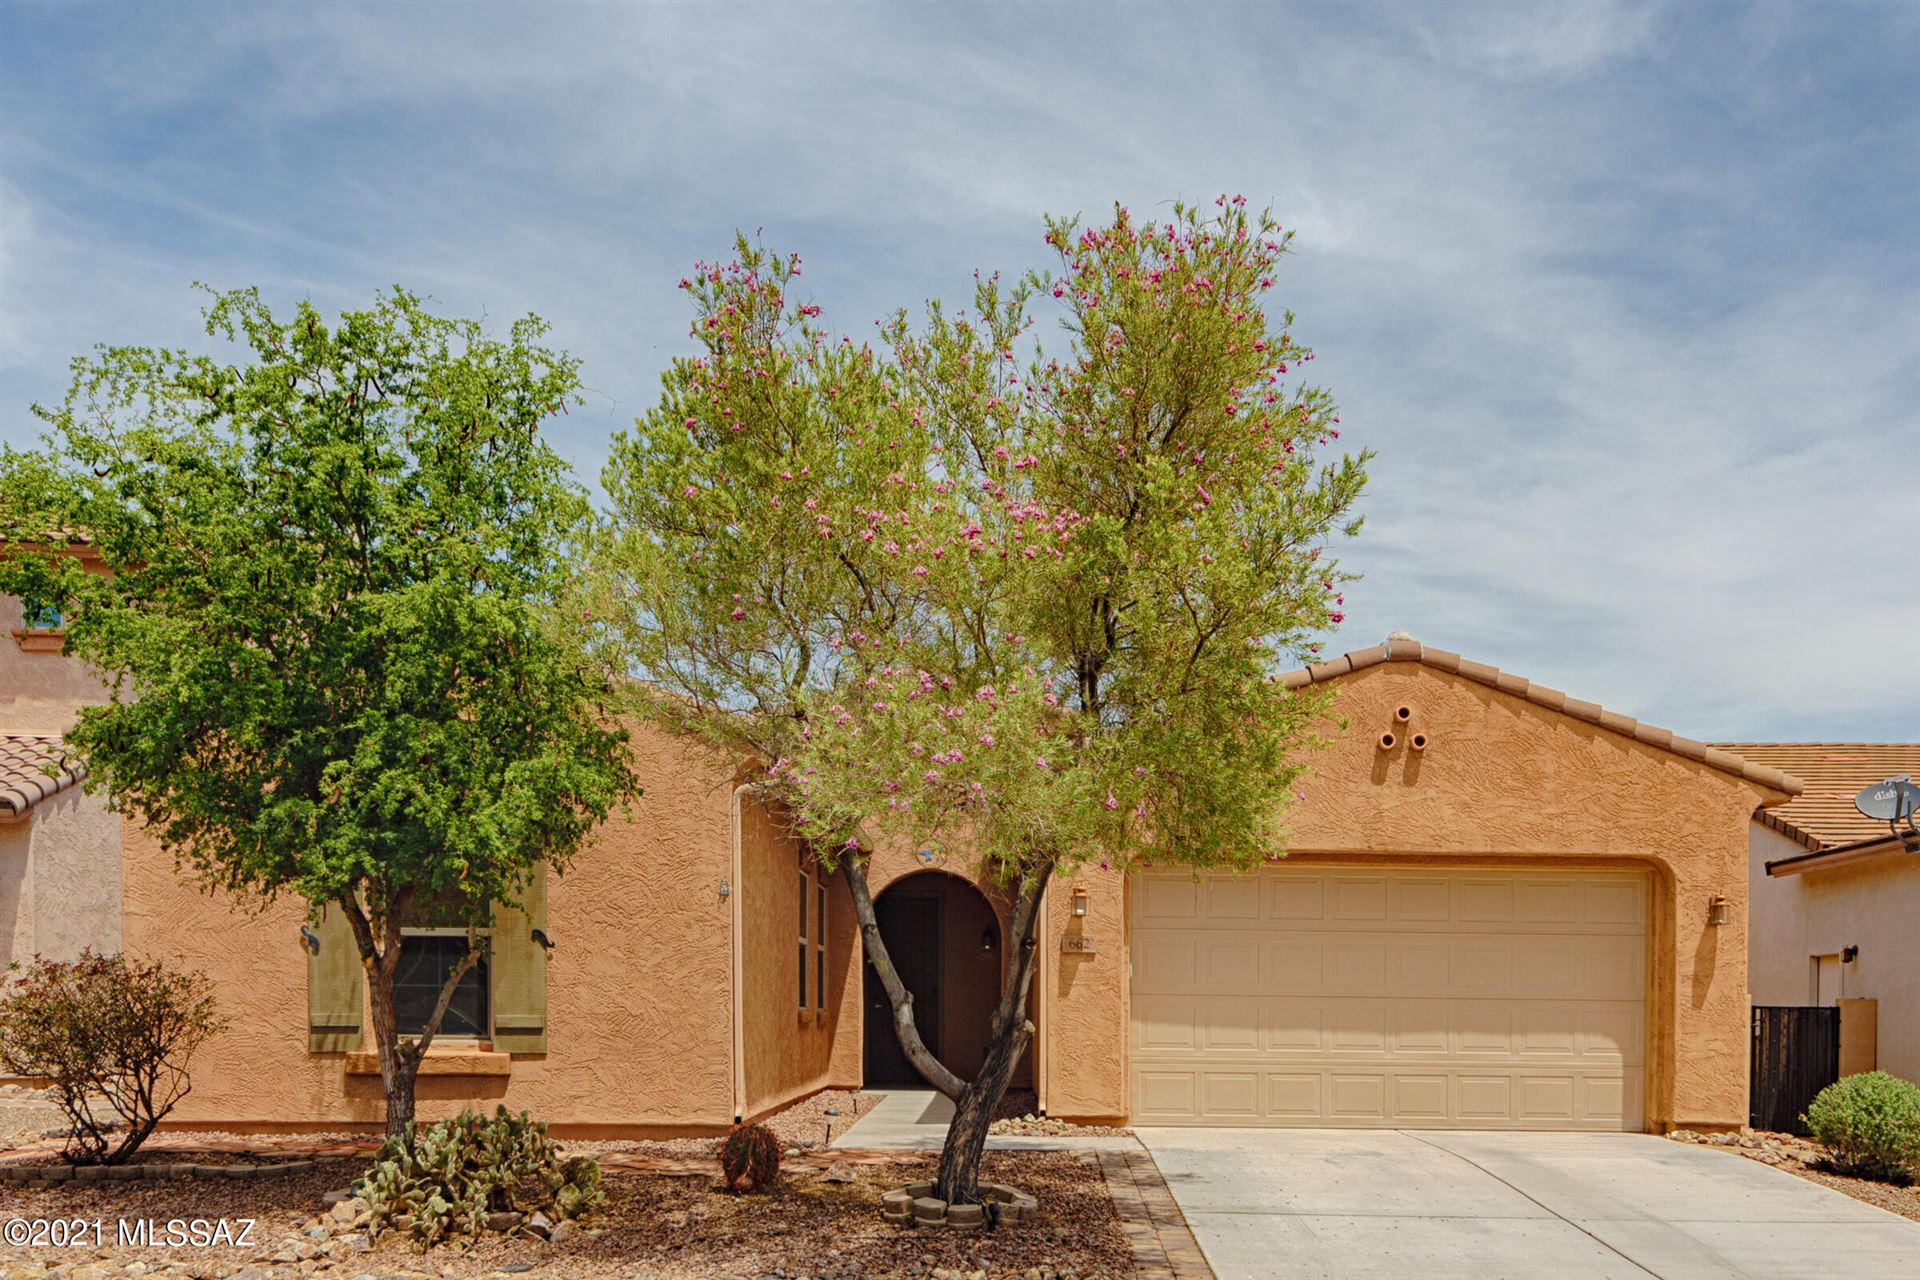 662 W Camino Curvitas, Sahuarita, AZ 85629 - MLS#: 22118749